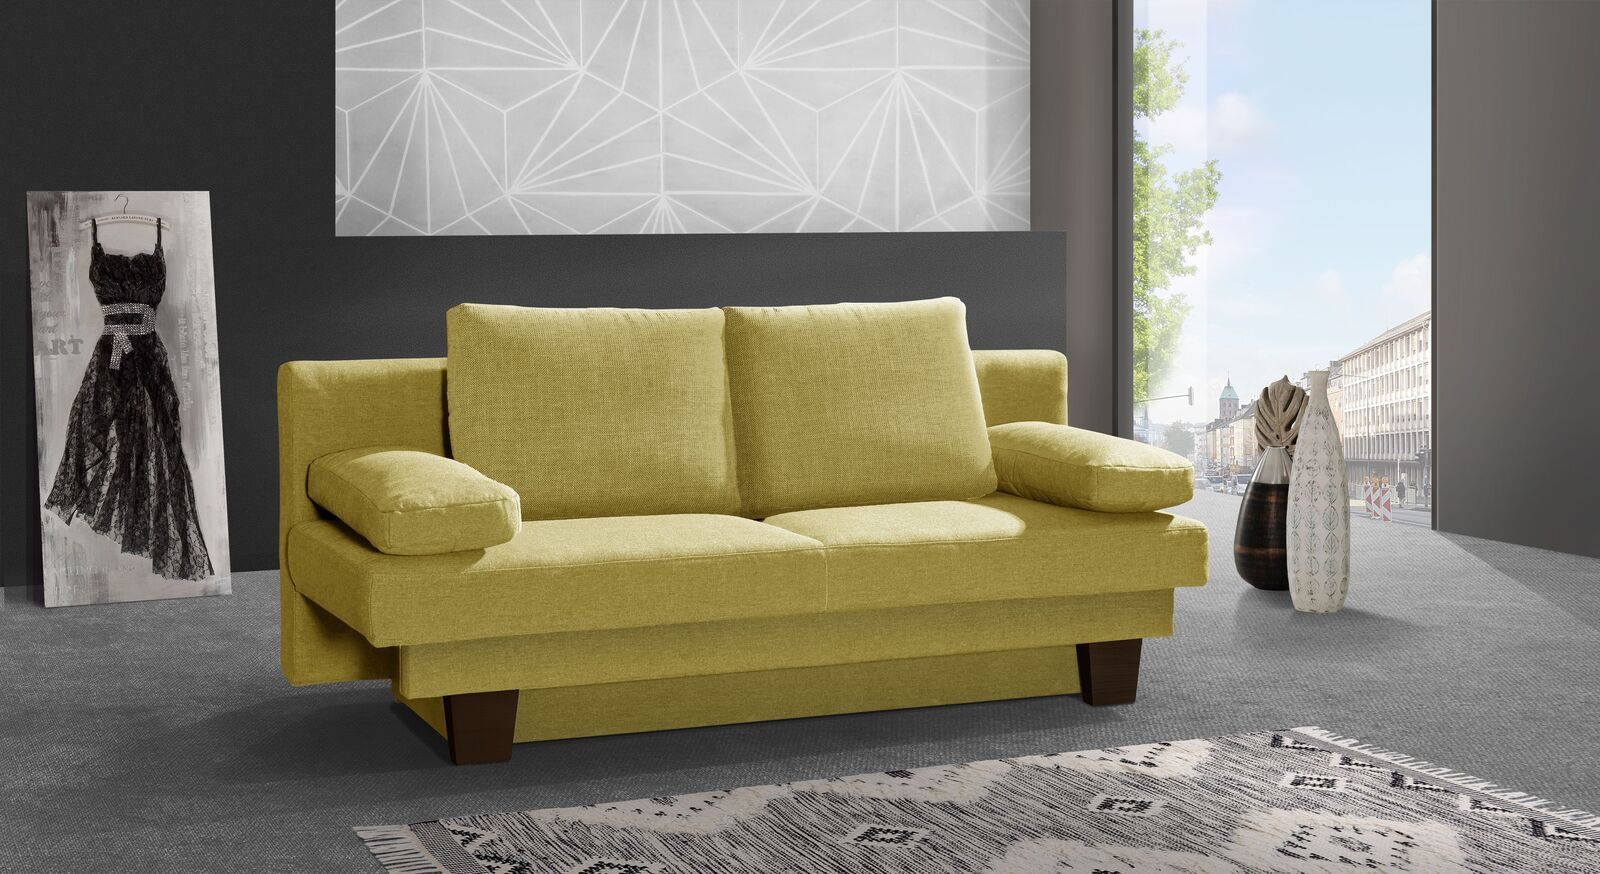 Schlafsofa Daresa mit passenden Möbeln